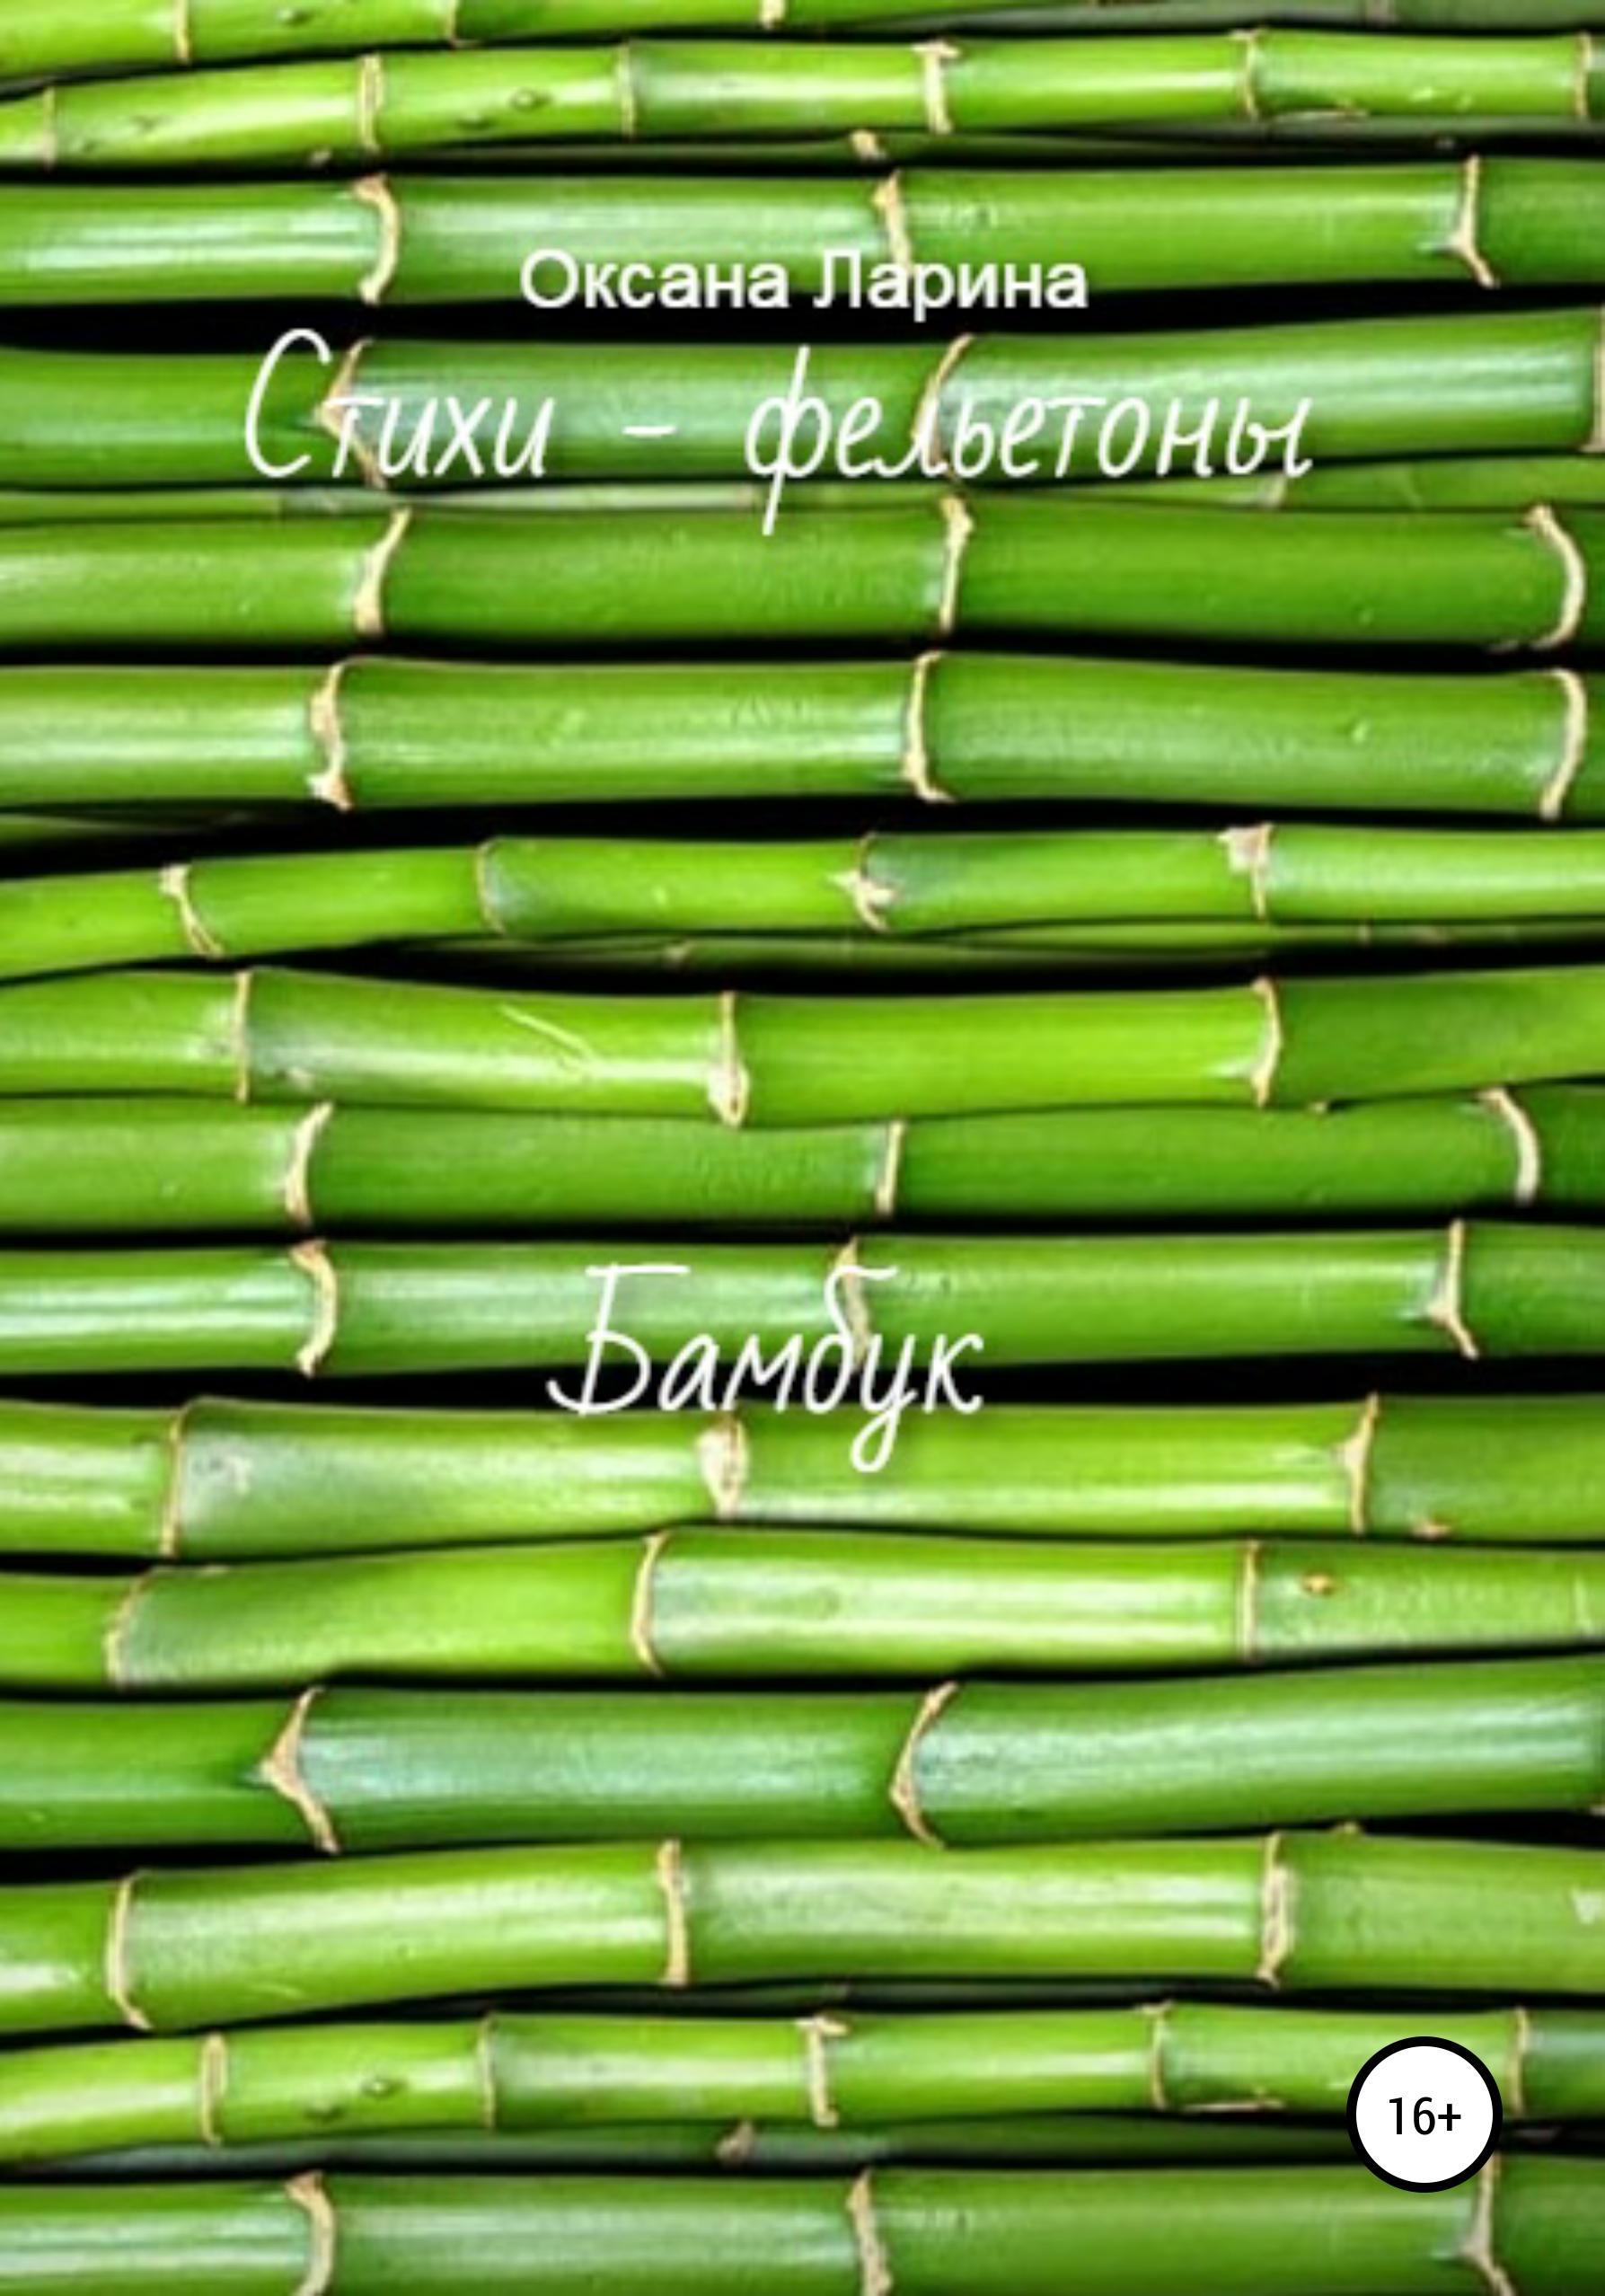 Купить книгу Бамбук. Стихи – фельетоны, автора Оксаны Евгеньевны Лариной